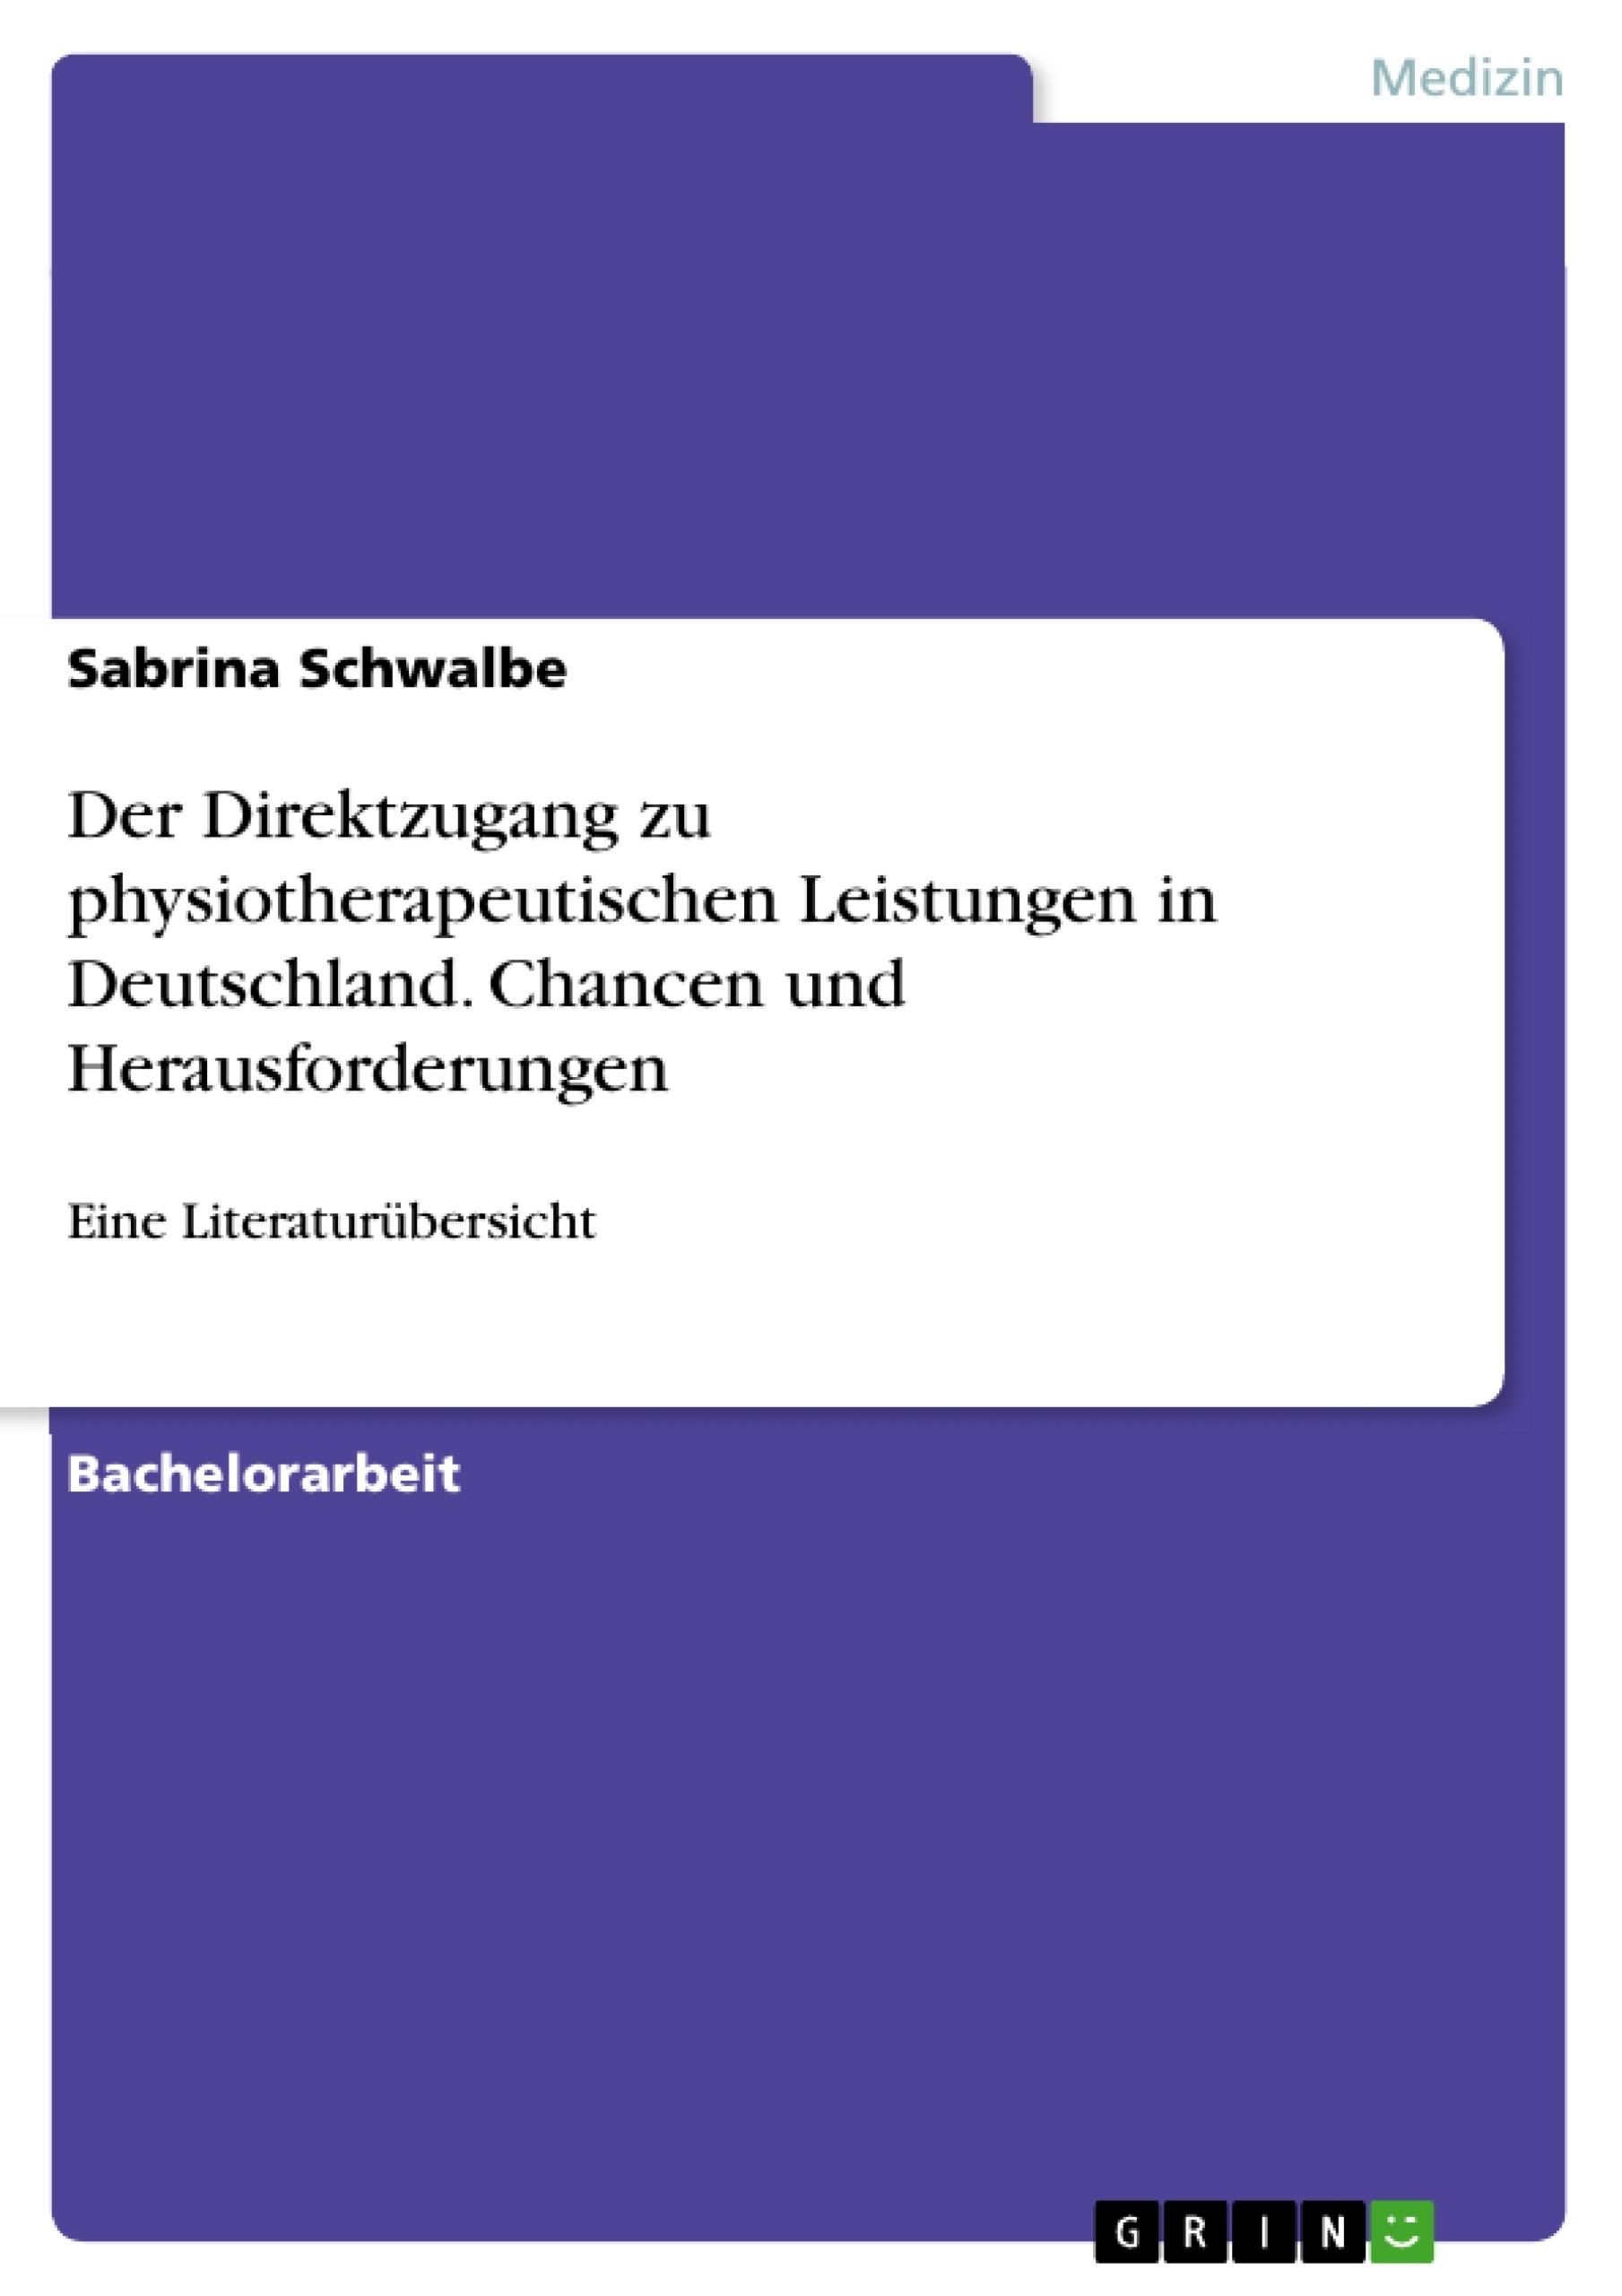 Titel: Der Direktzugang zu physiotherapeutischen Leistungen in Deutschland. Chancen und Herausforderungen